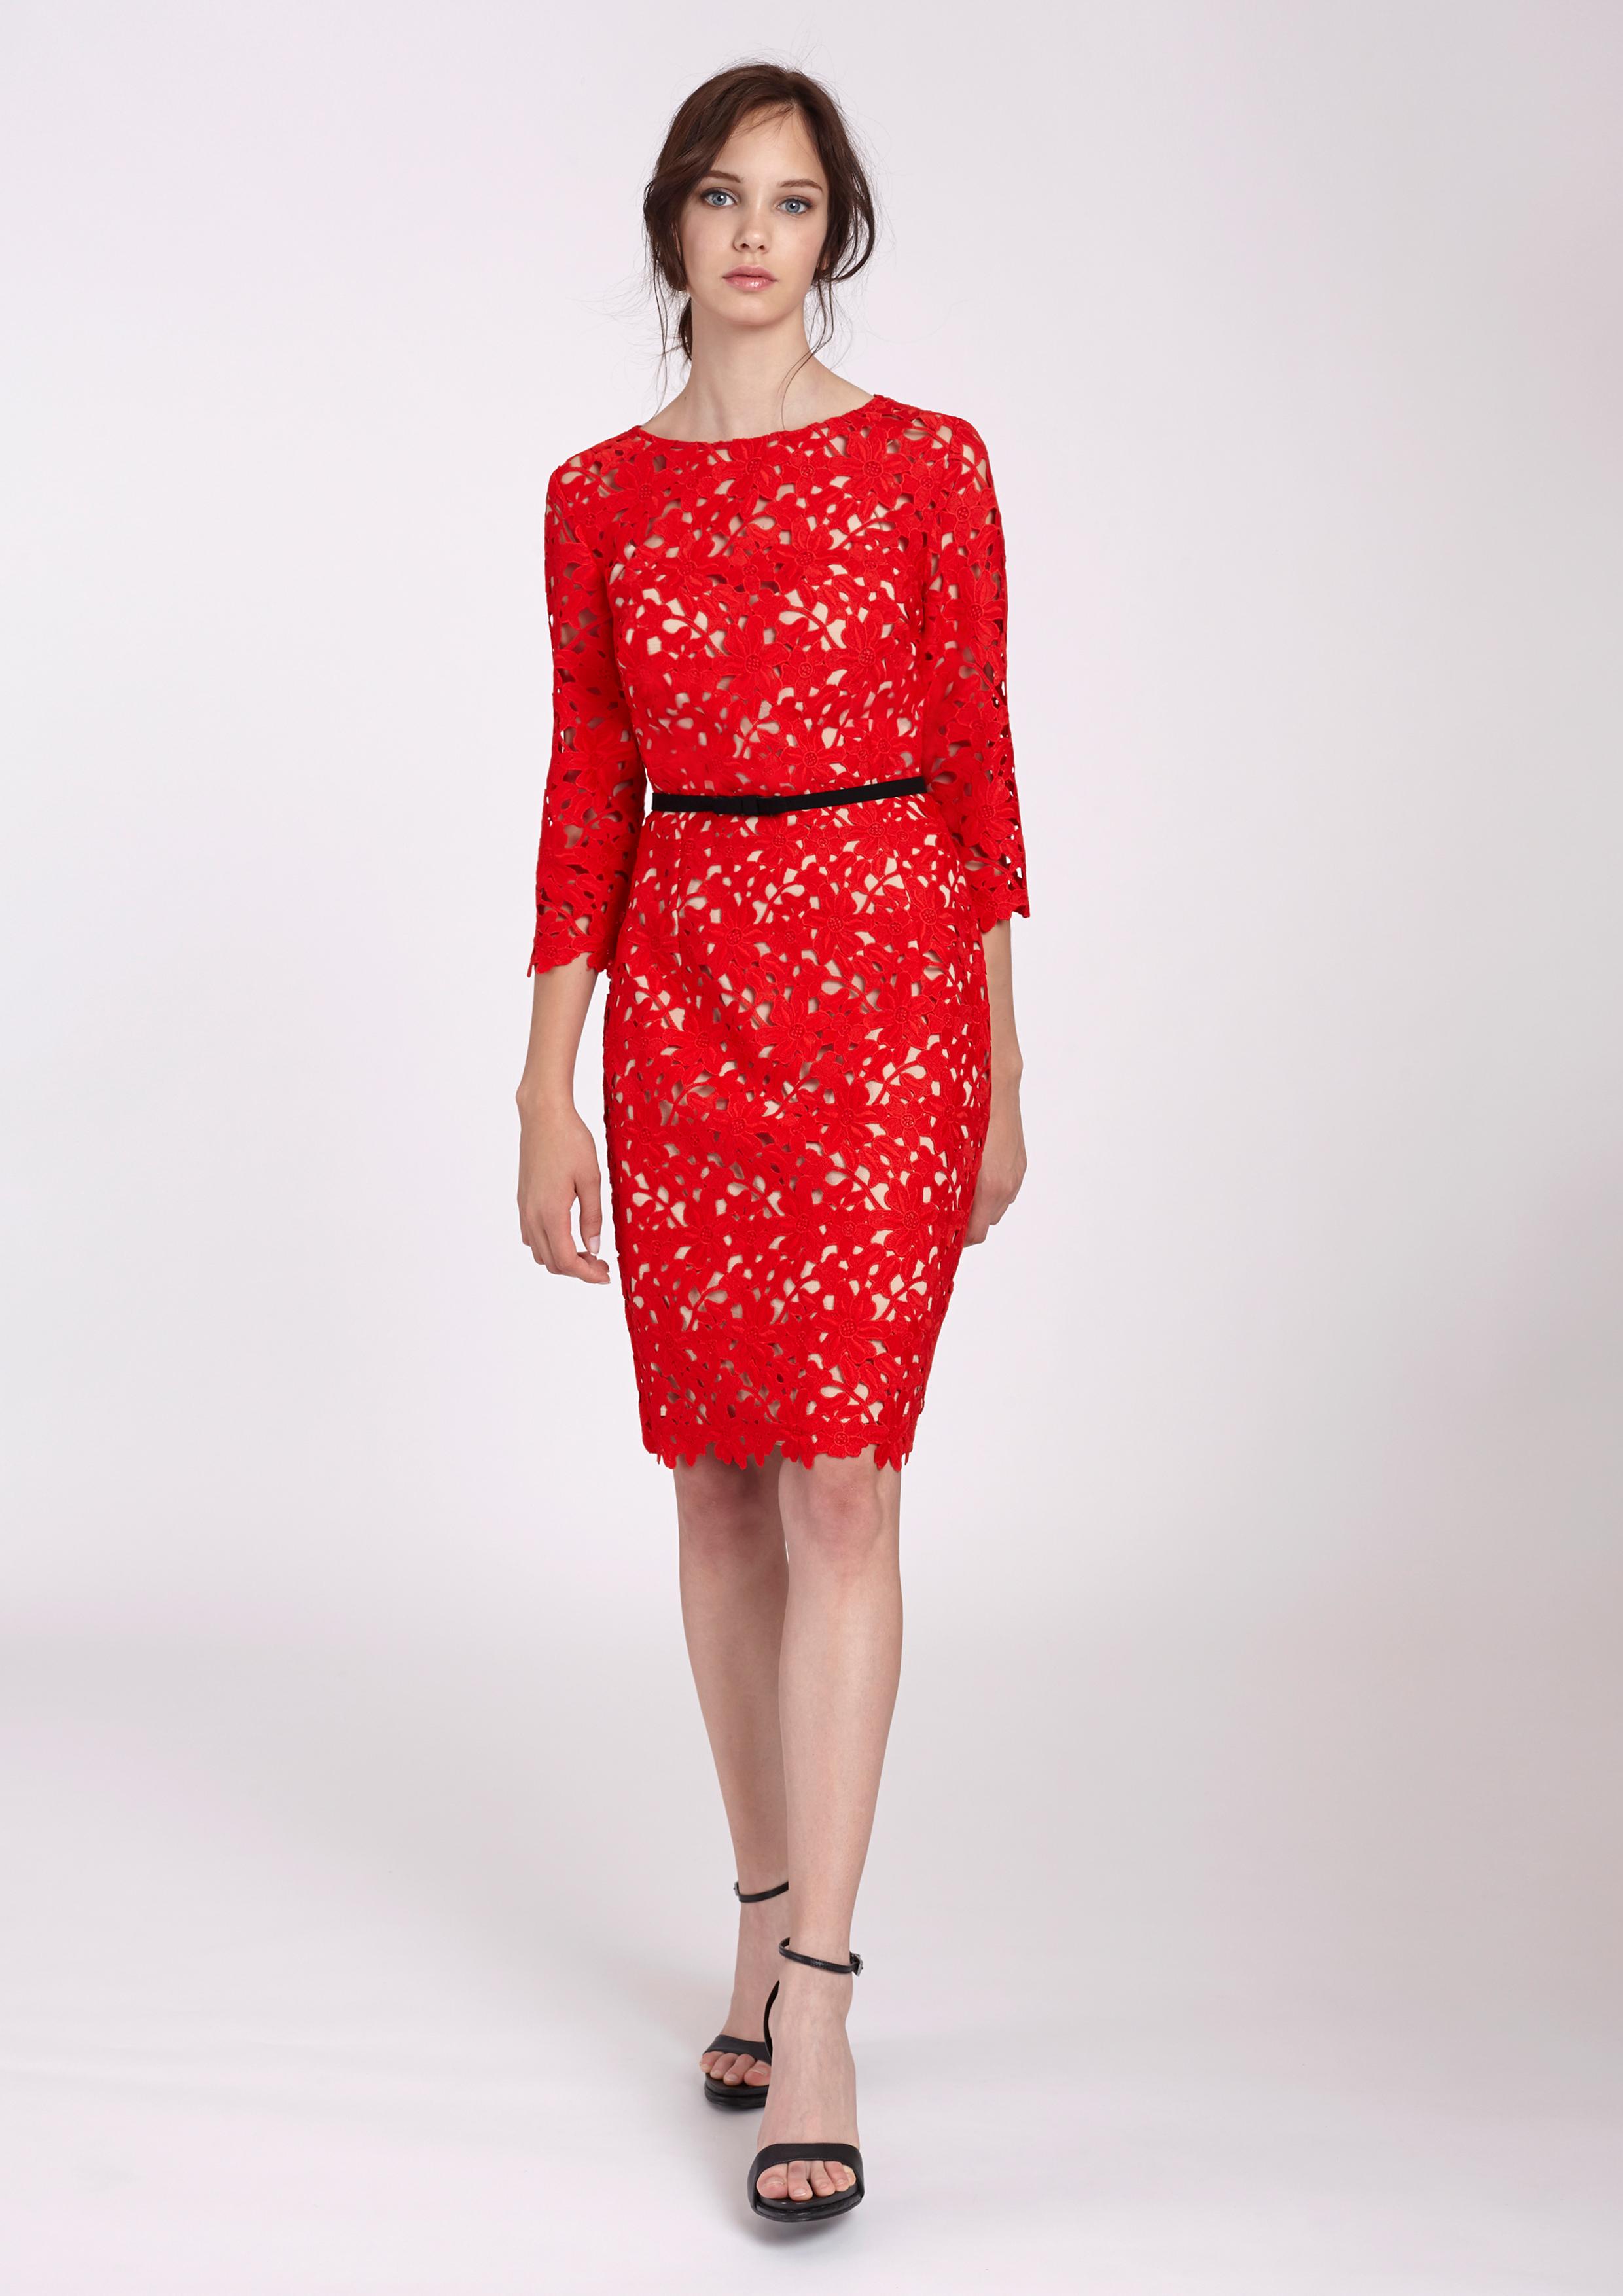 a6ac89e96 Vestido de encaje rojo